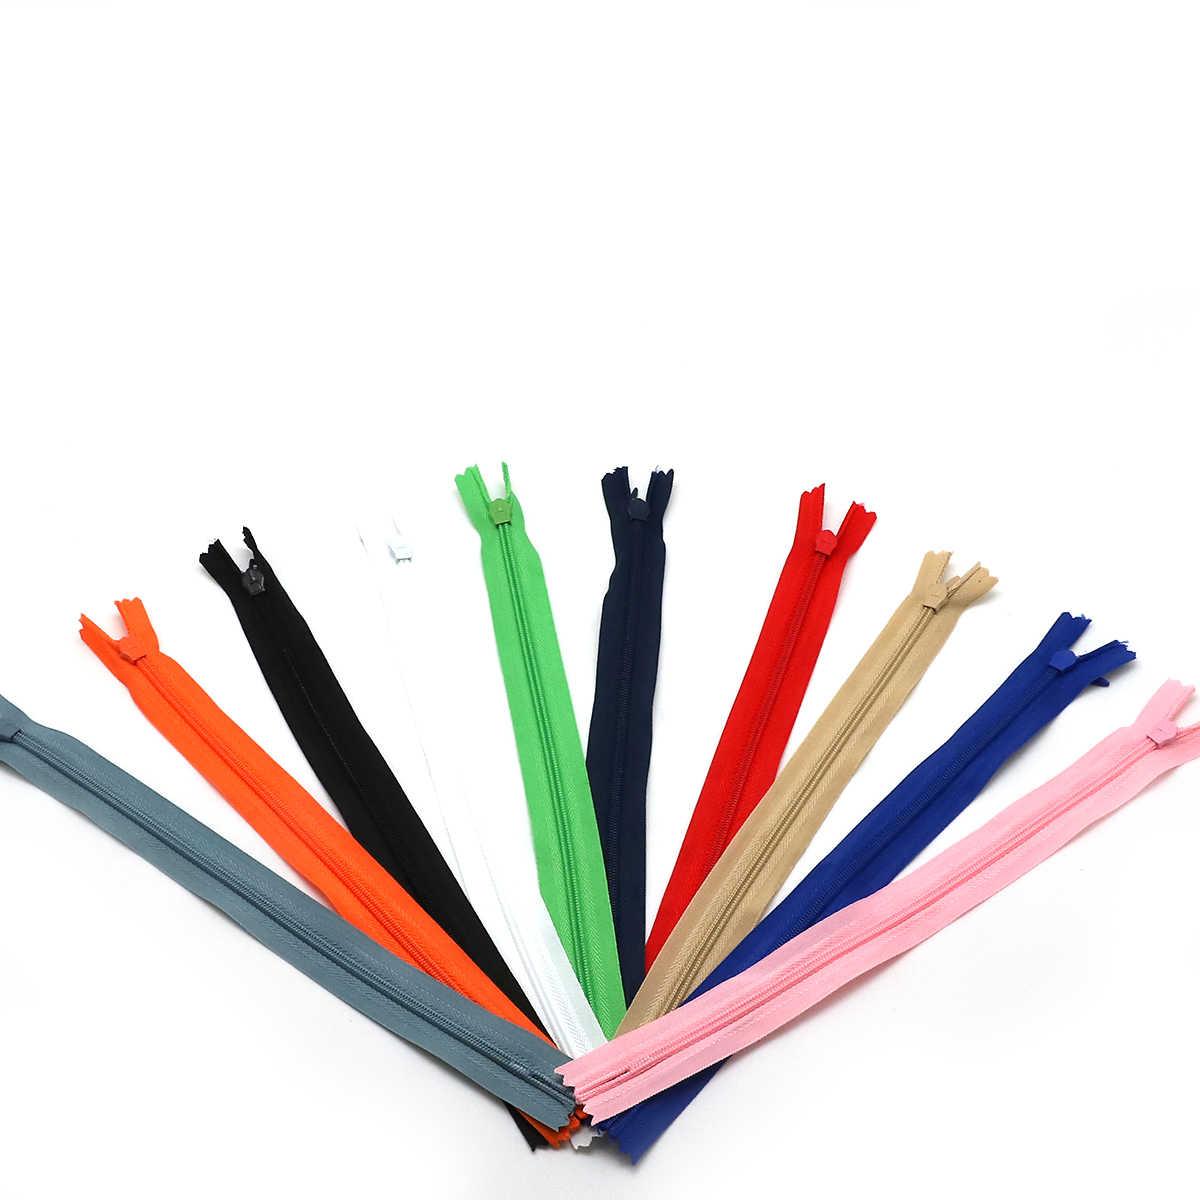 10 шт./пакет 28 см 35 см 40 см 50 см 55 60 см в длину змейки-невидимки DIY нейлоновая застежка-молния для пошива одежды аксессуар